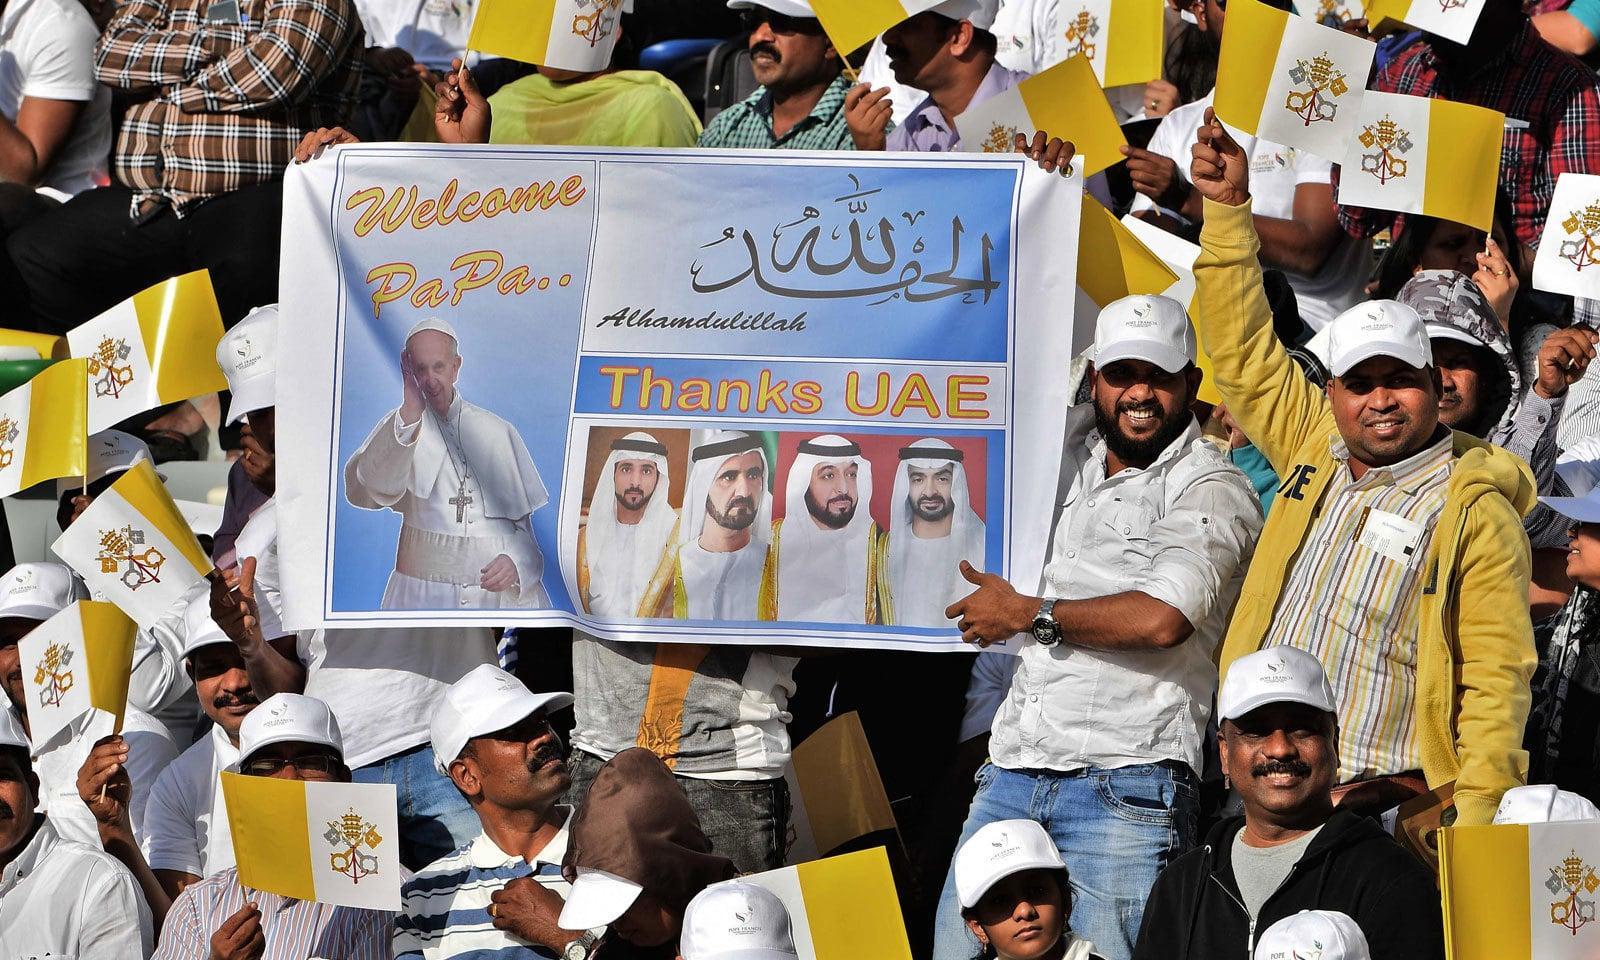 ابو ظہبی میں مسیحی برادری کے پہلے اجتماع میں  ایک بڑی تعداد نے شرکت کی — فوٹو: اے ایف پی